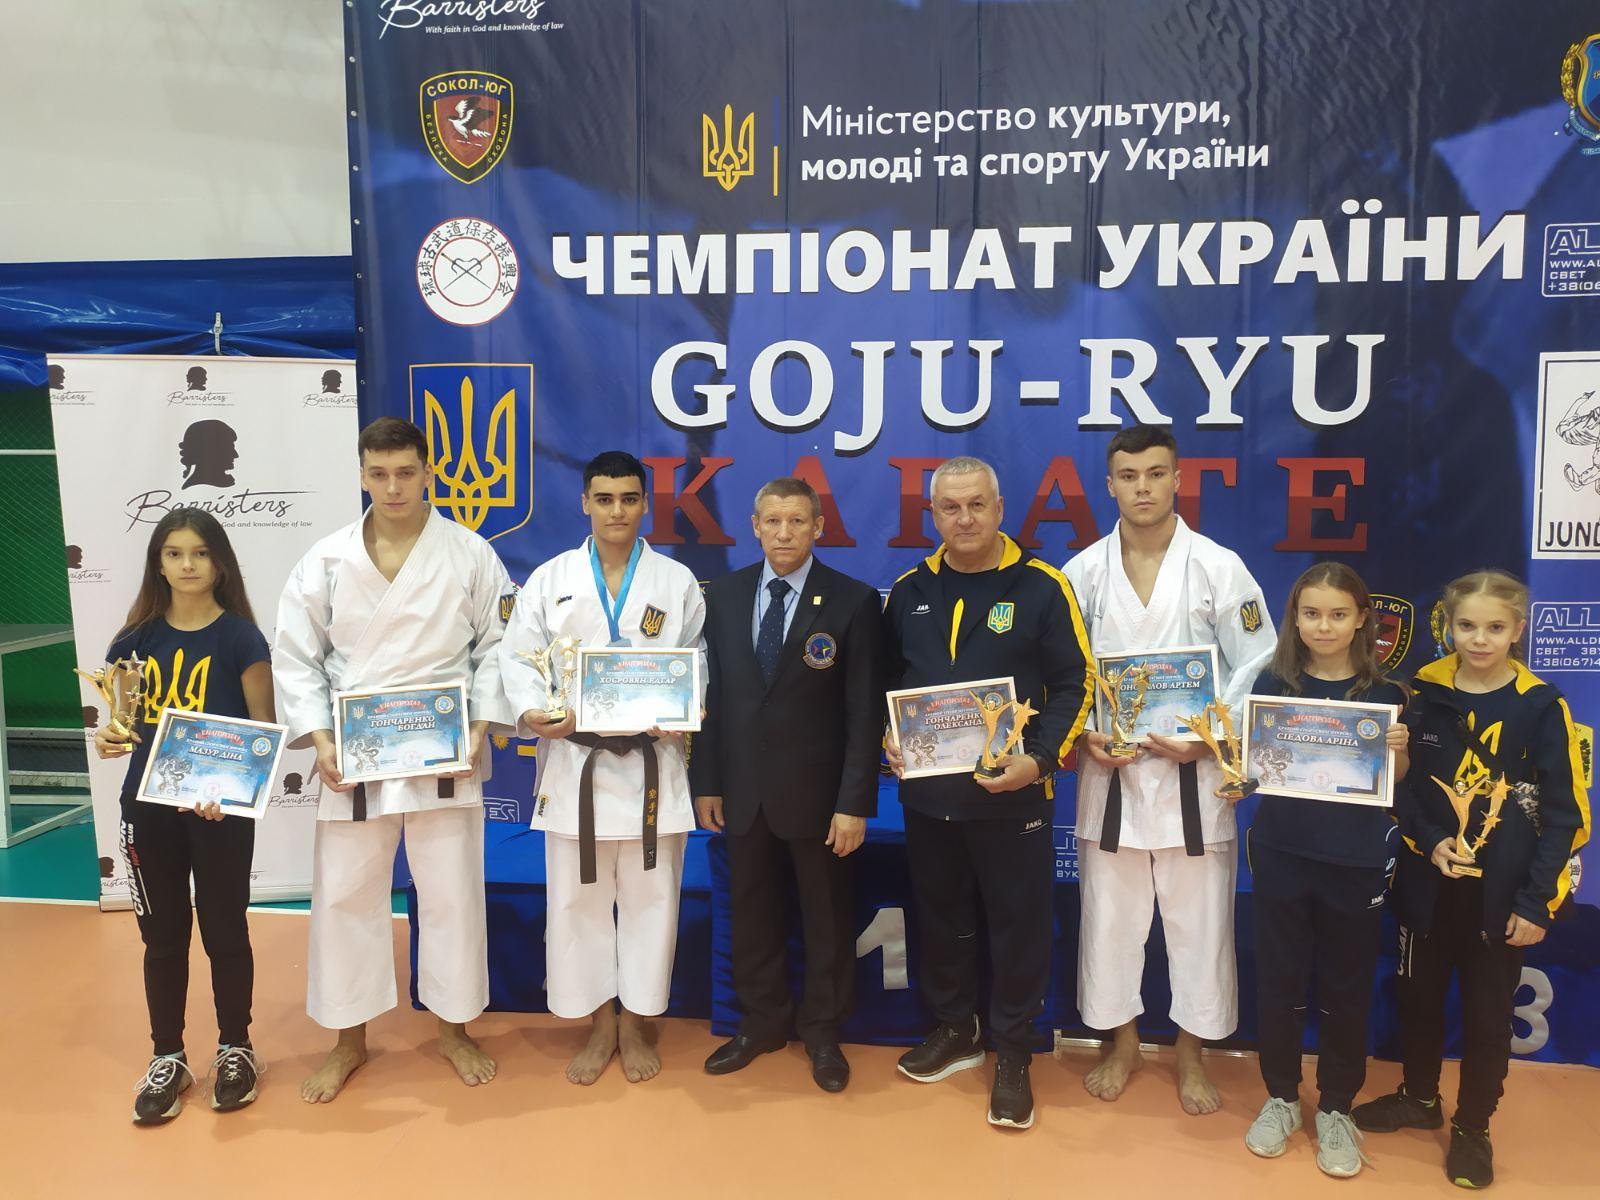 Чемпіонат України з годзю-рю карате, Одеса. Фото